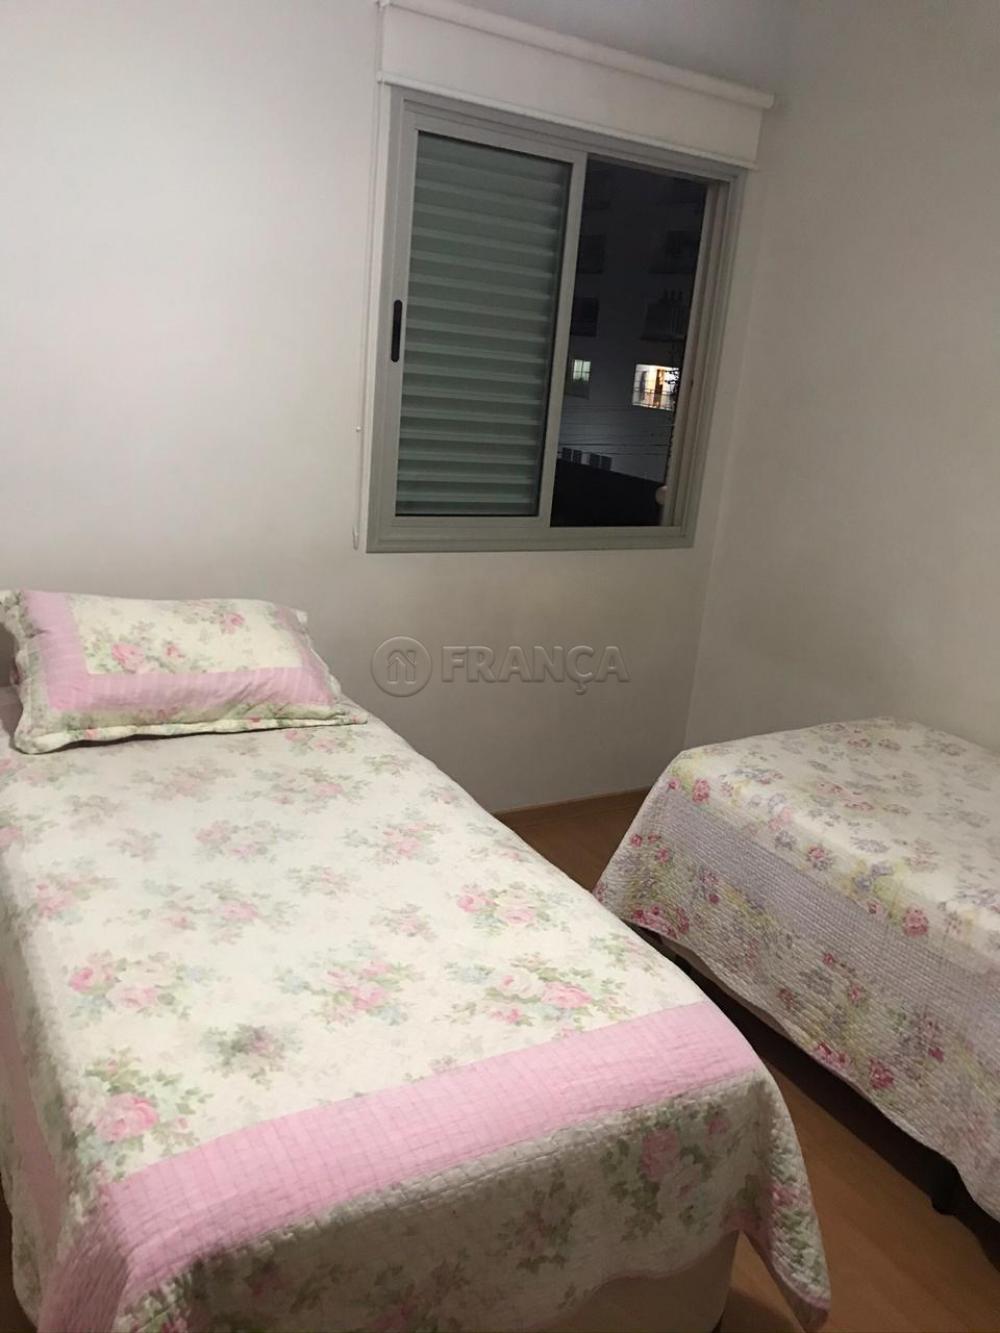 Comprar Apartamento / Padrão em São José dos Campos R$ 590.000,00 - Foto 6